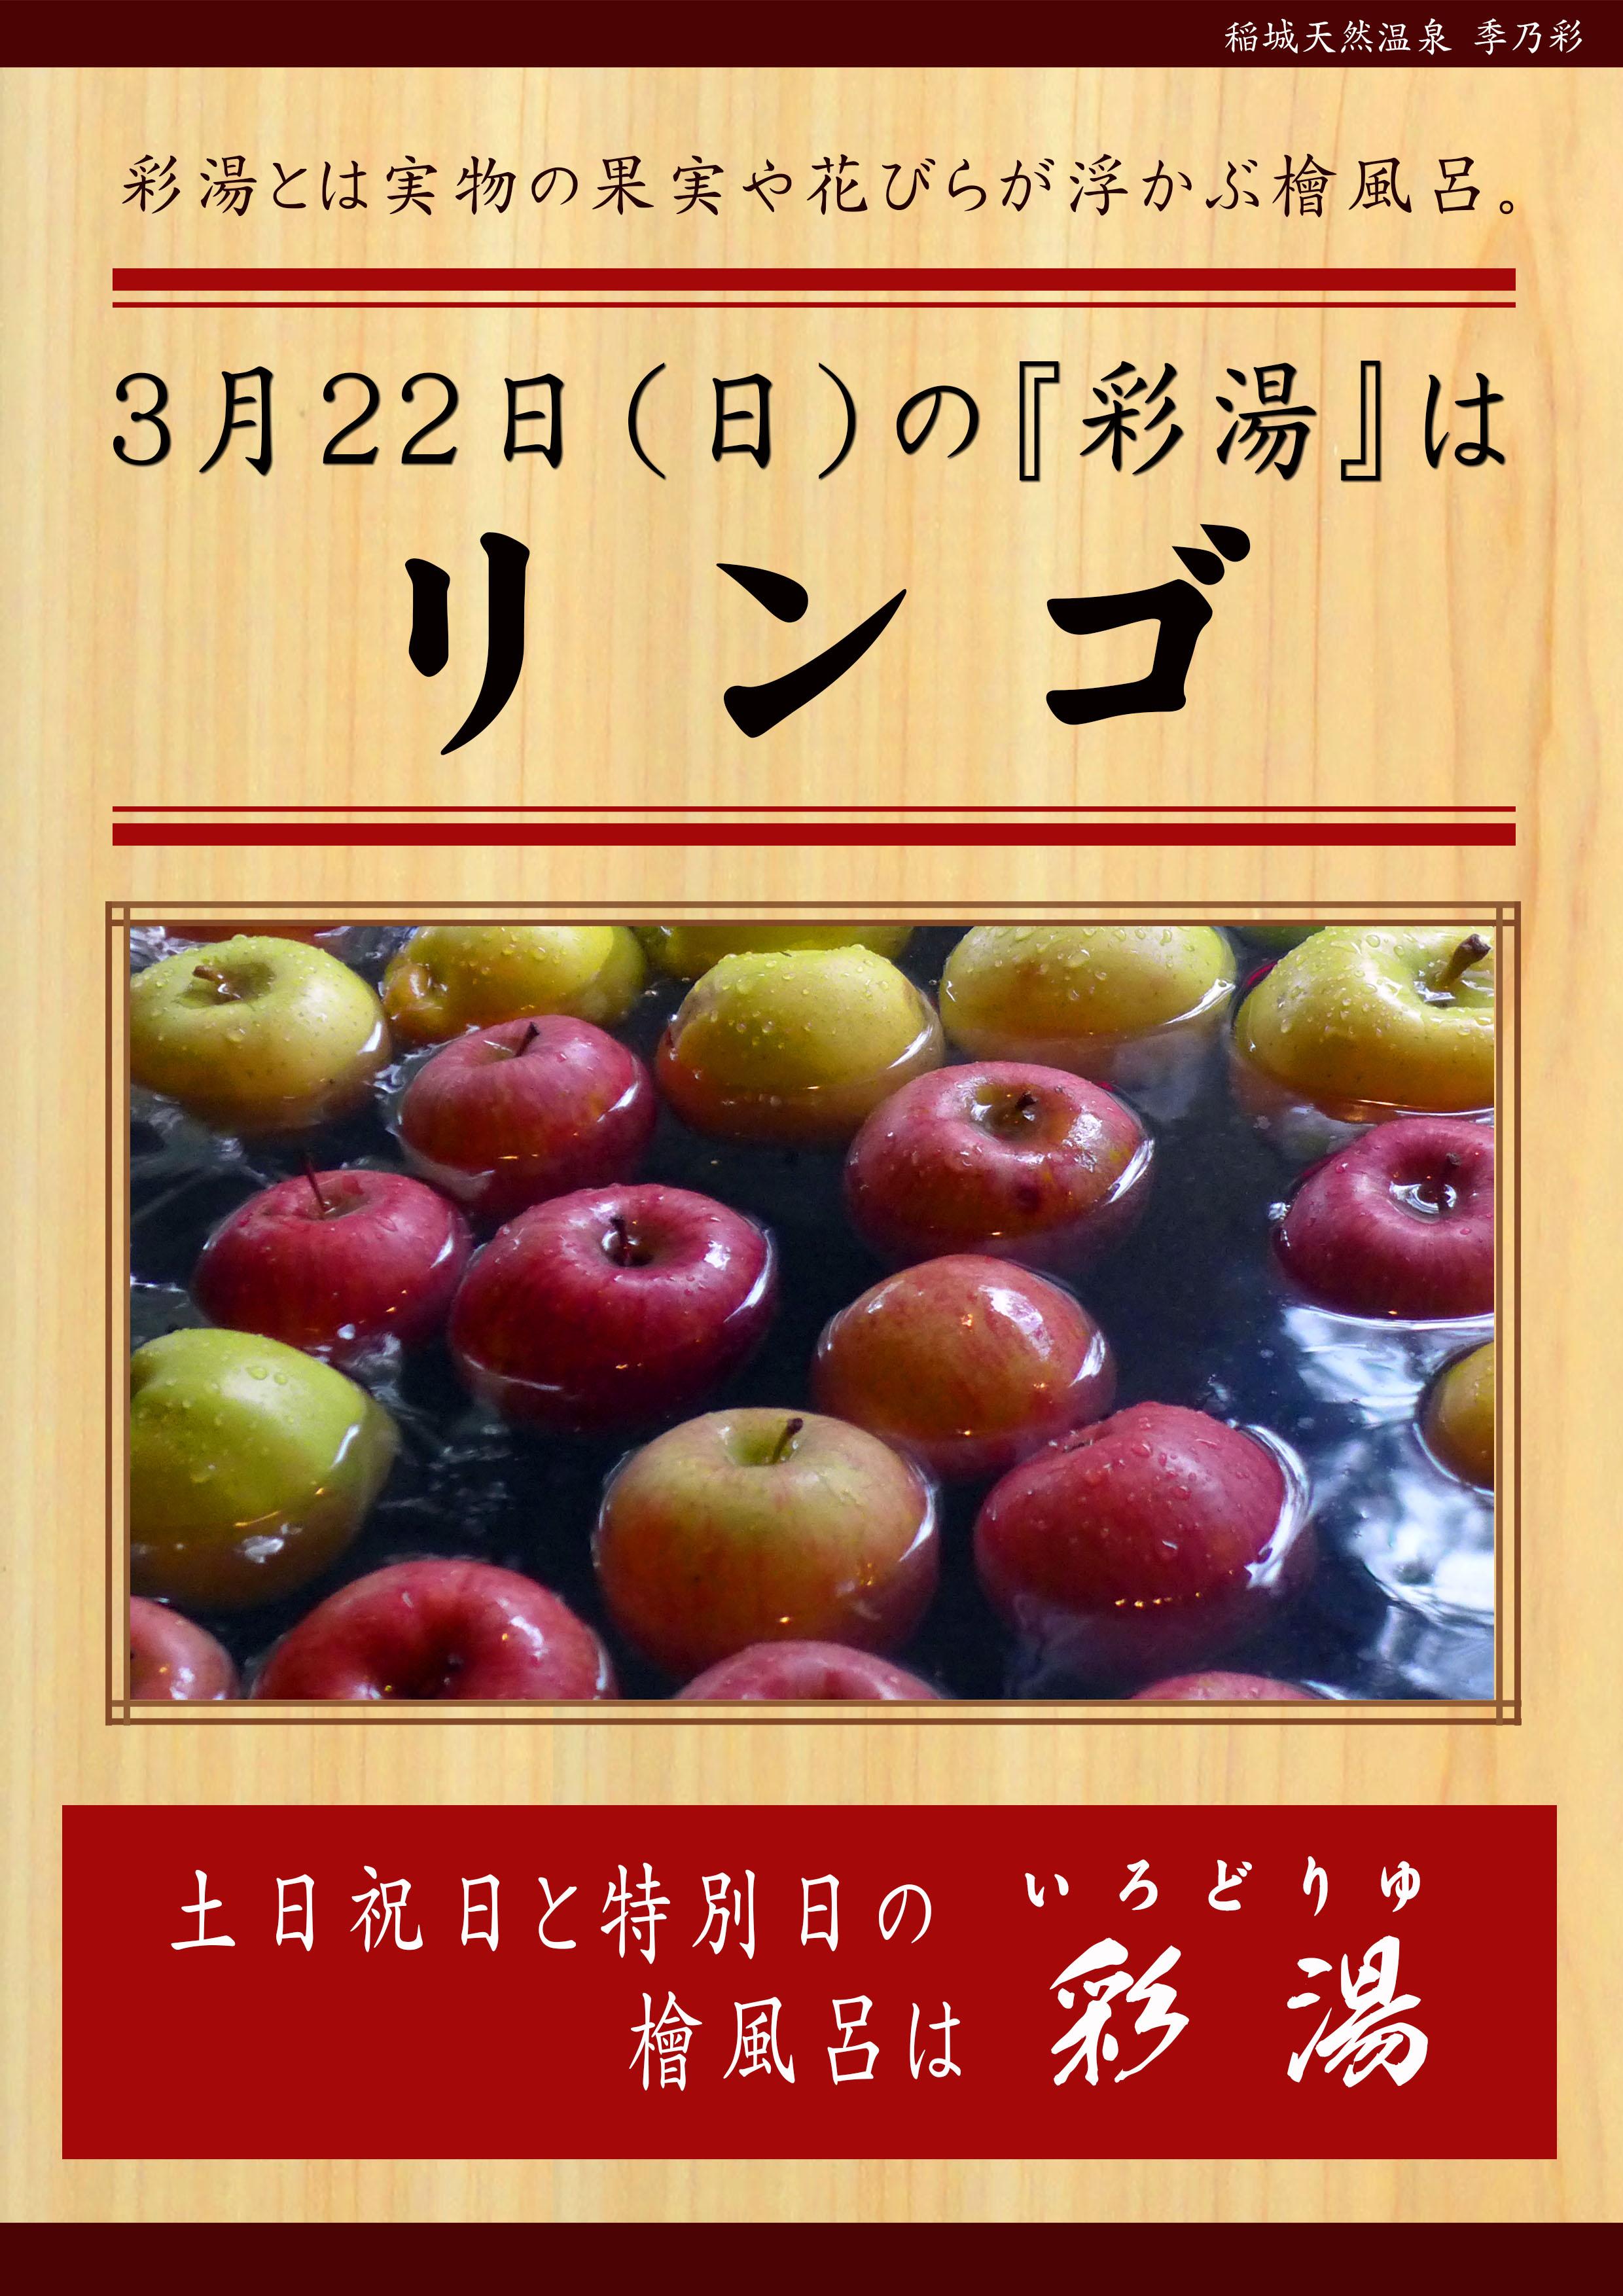 200322 POP イベント 彩湯 リンゴ